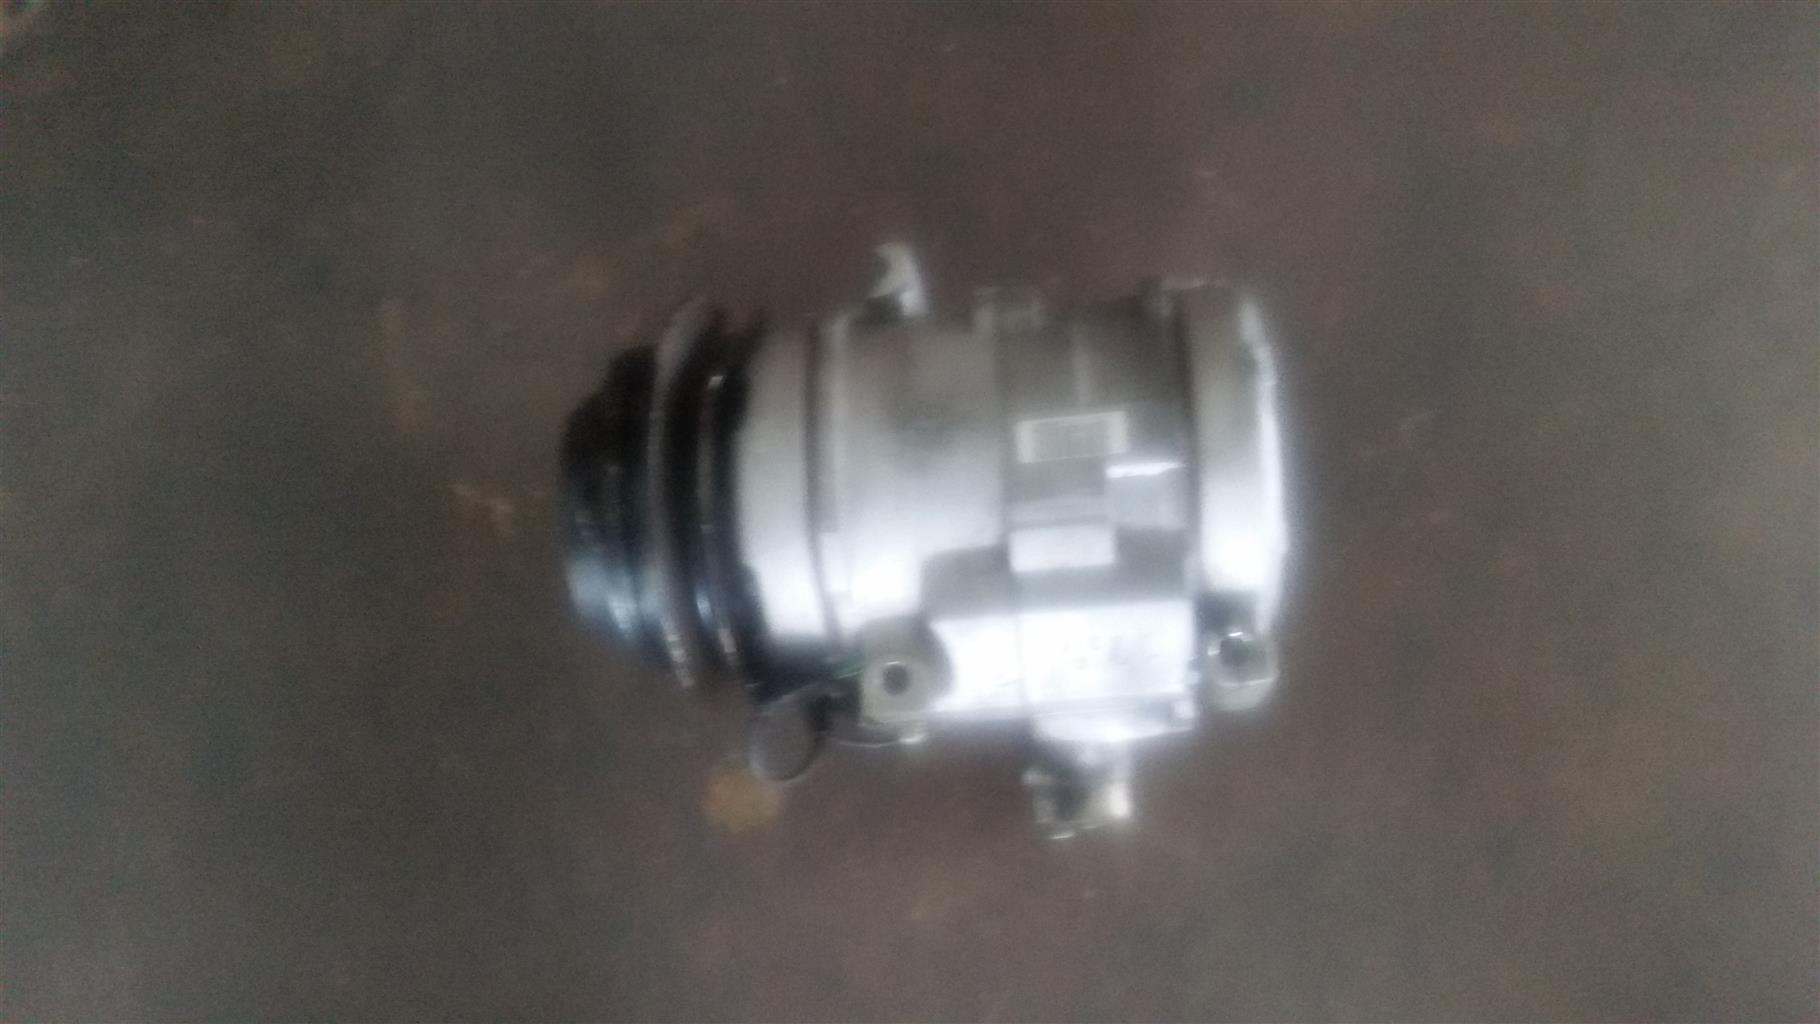 mitsubishi colt 2.8 tdi a\c pumps